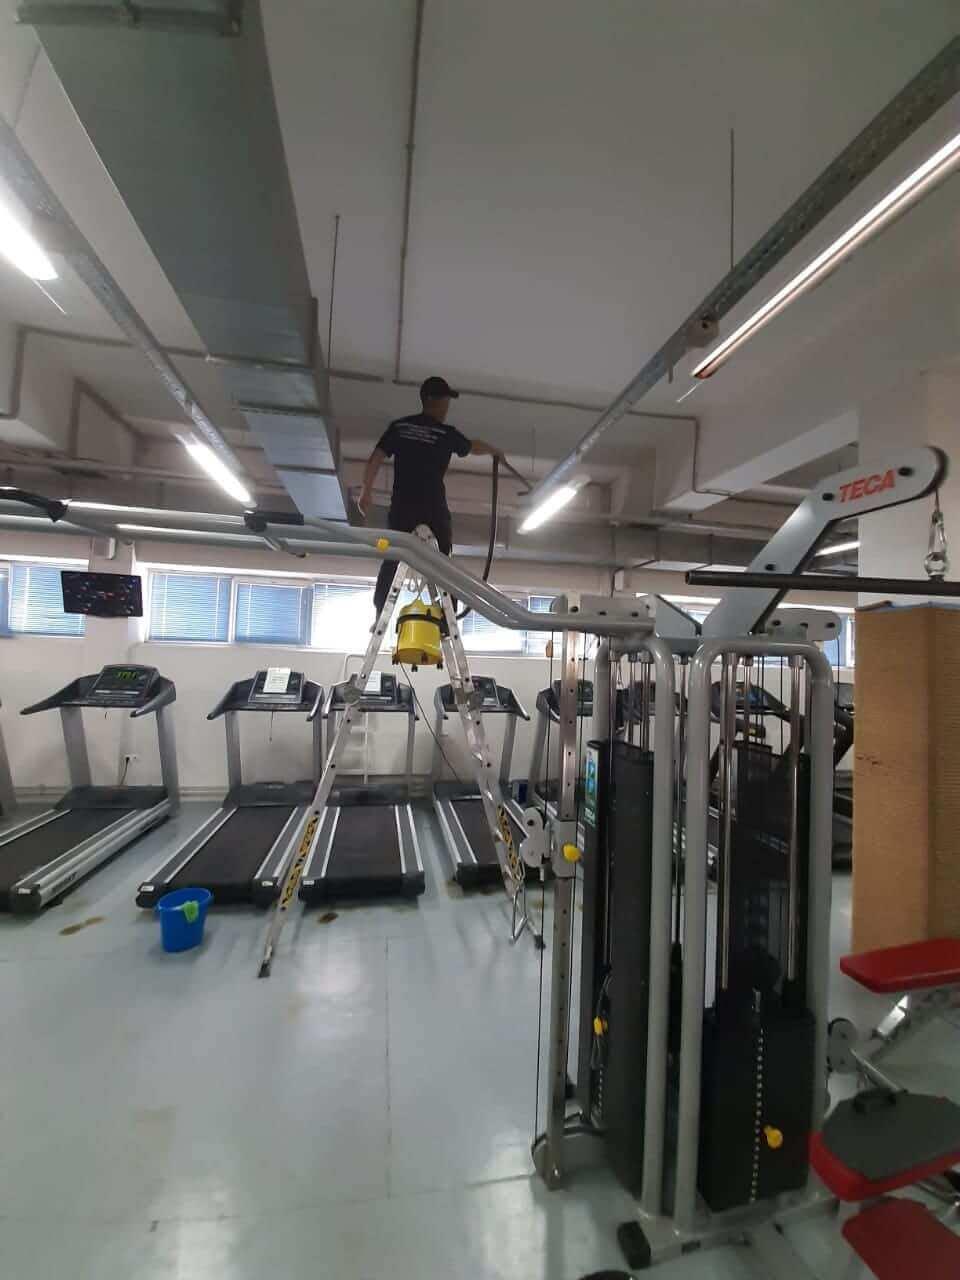 Уборщик моет потолочное оборудование фитнес-клуба